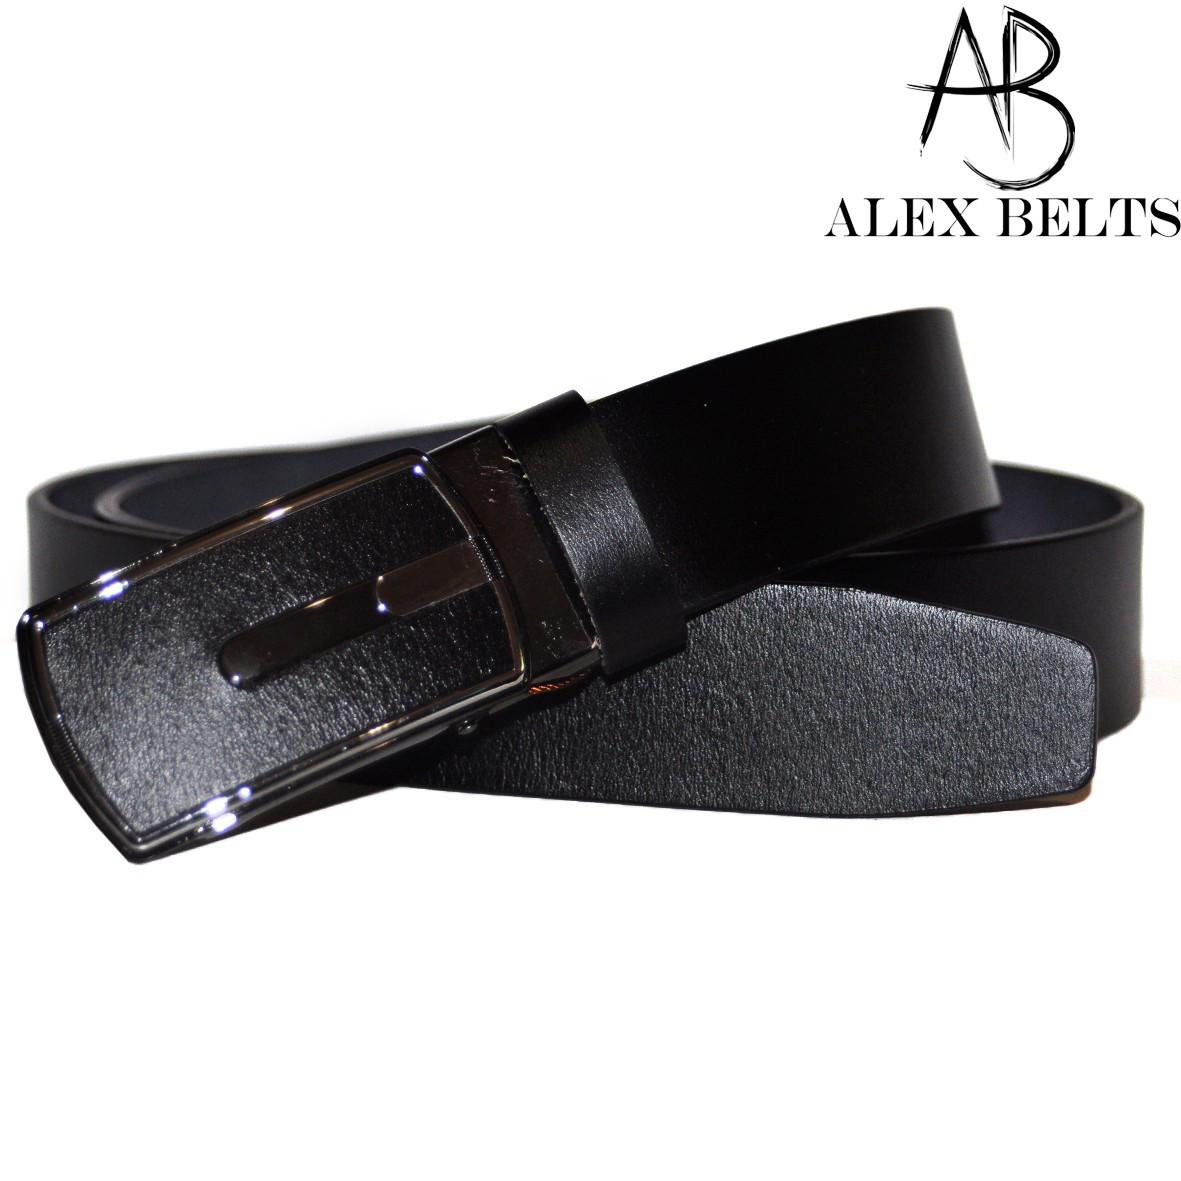 Ремень мужской брючный (черный) с зажимной пряжкой гладкая кожа 35 мм - купить оптом в Одессе